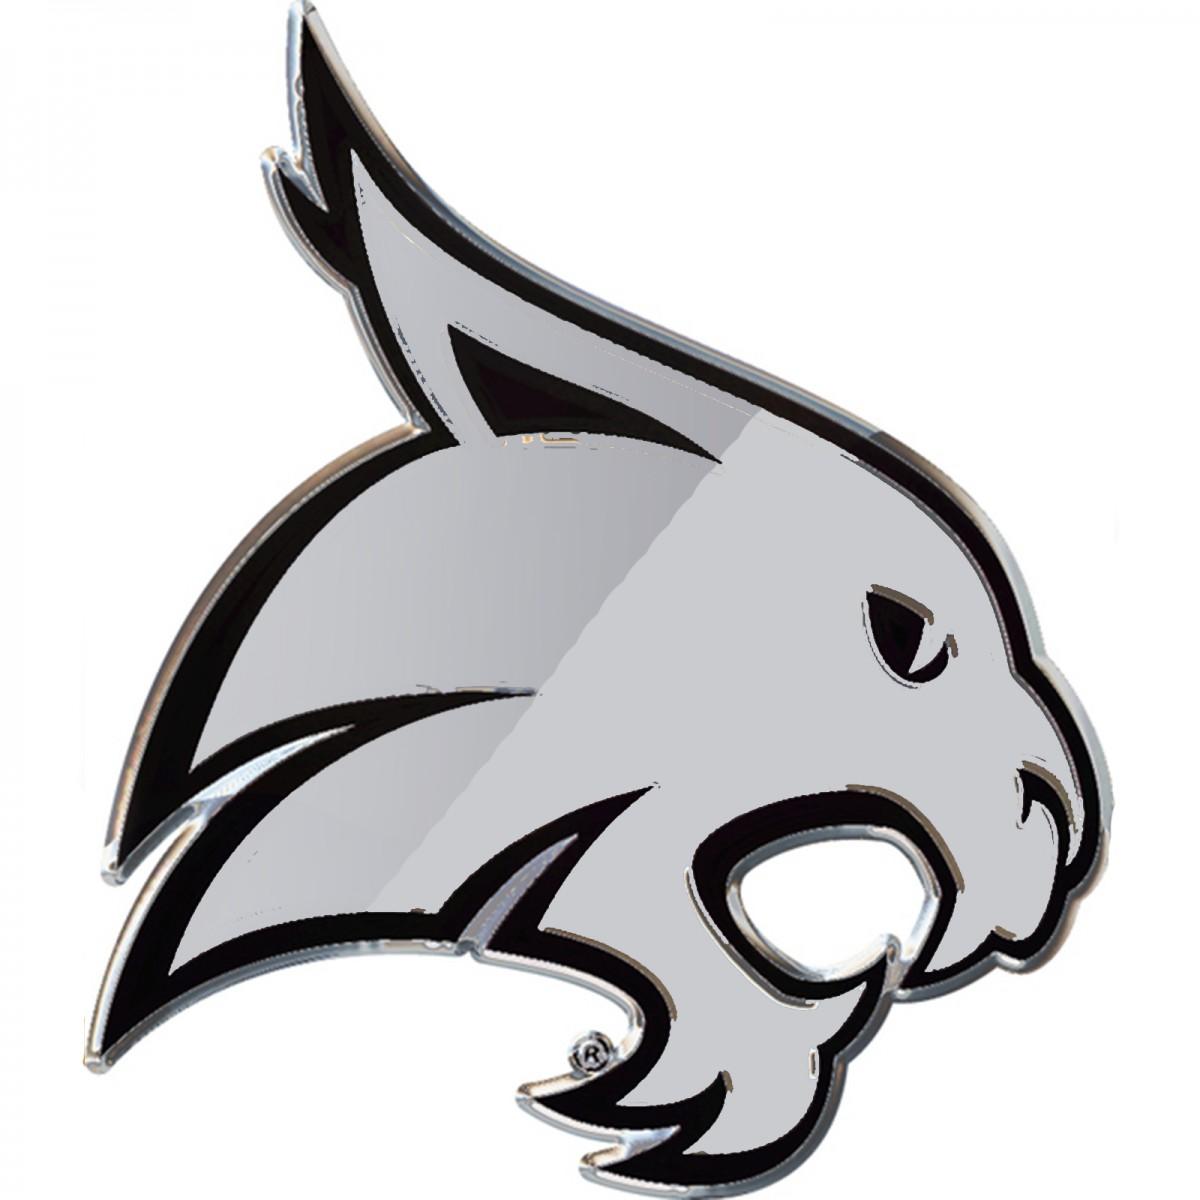 Texas State Bobcats Logo Chrome Premium Solid Metal Car Auto Emblem.